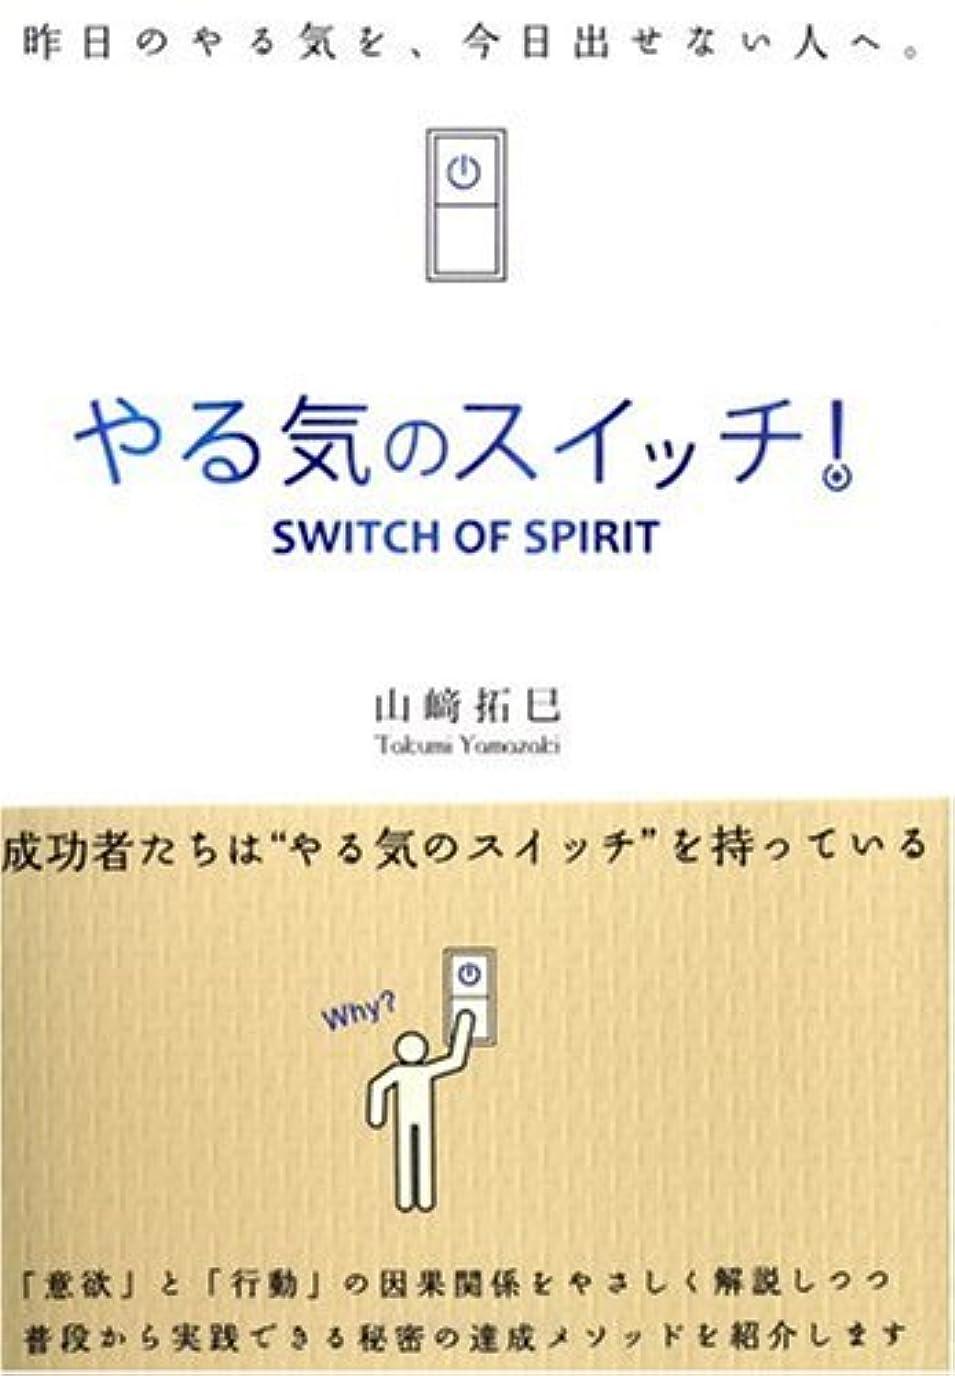 精神テニス乱暴なやる気のスイッチ! (Sanctuary books)